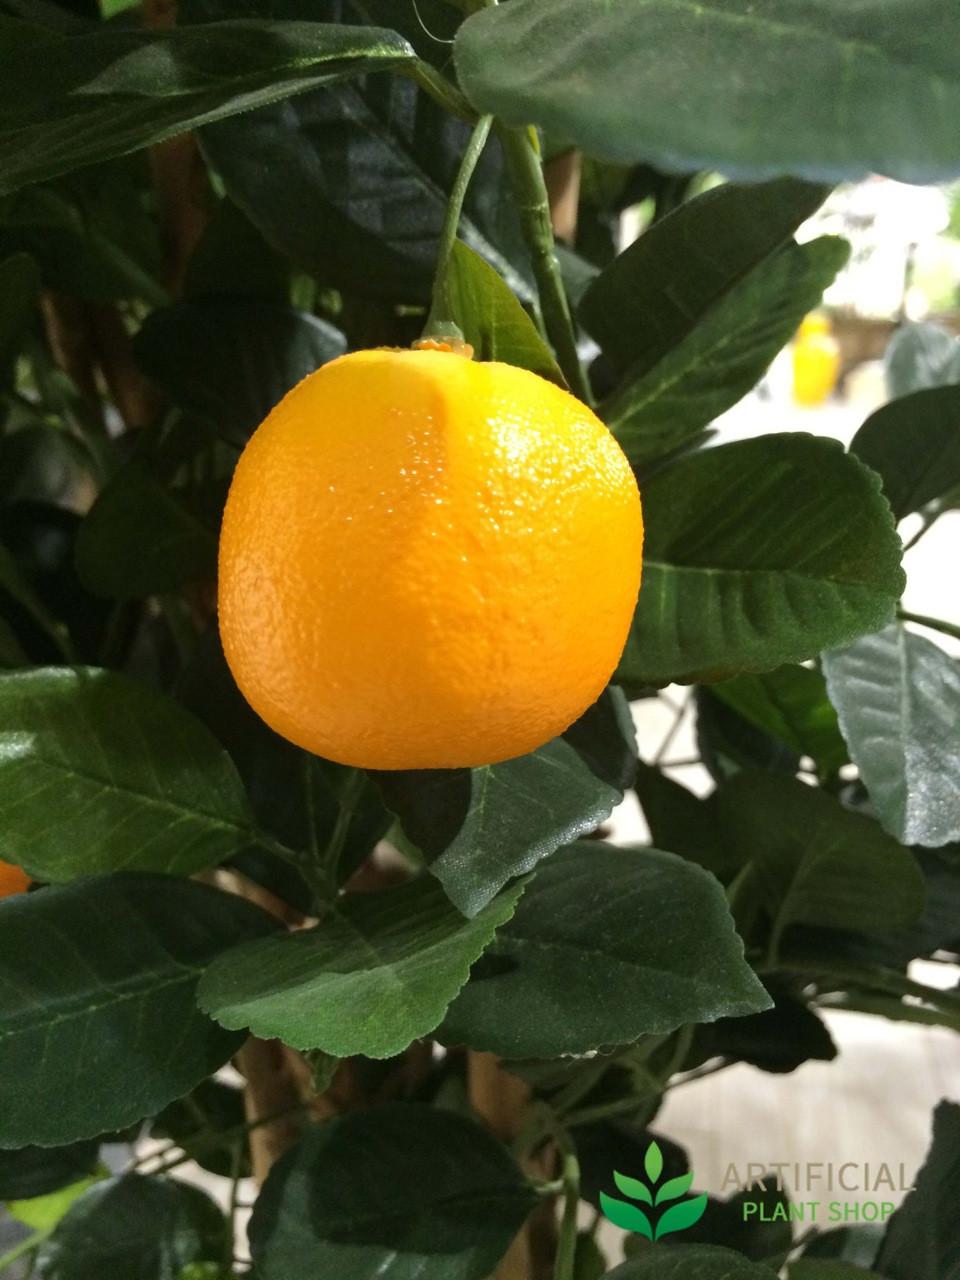 Fake Orange